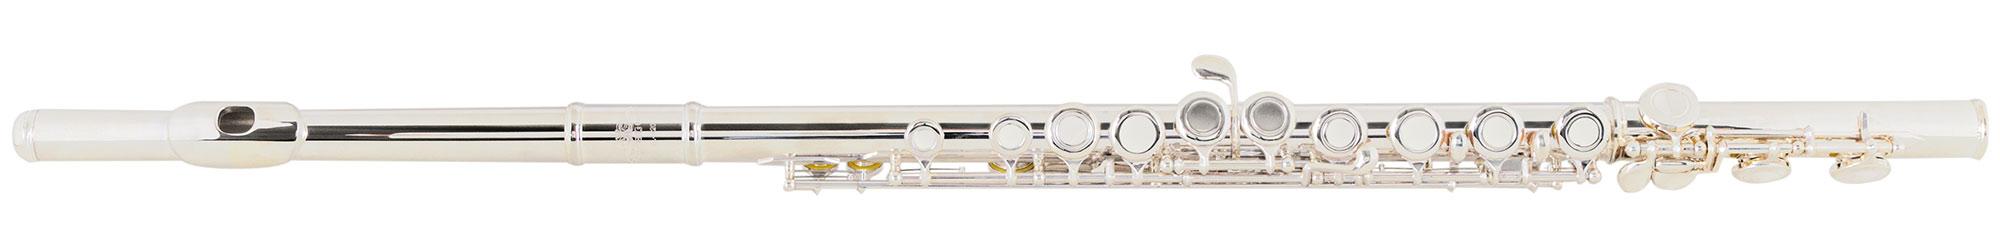 Sonstigeblasinstrumente - Lechgold FL 320 Querflöte - Onlineshop Musikhaus Kirstein